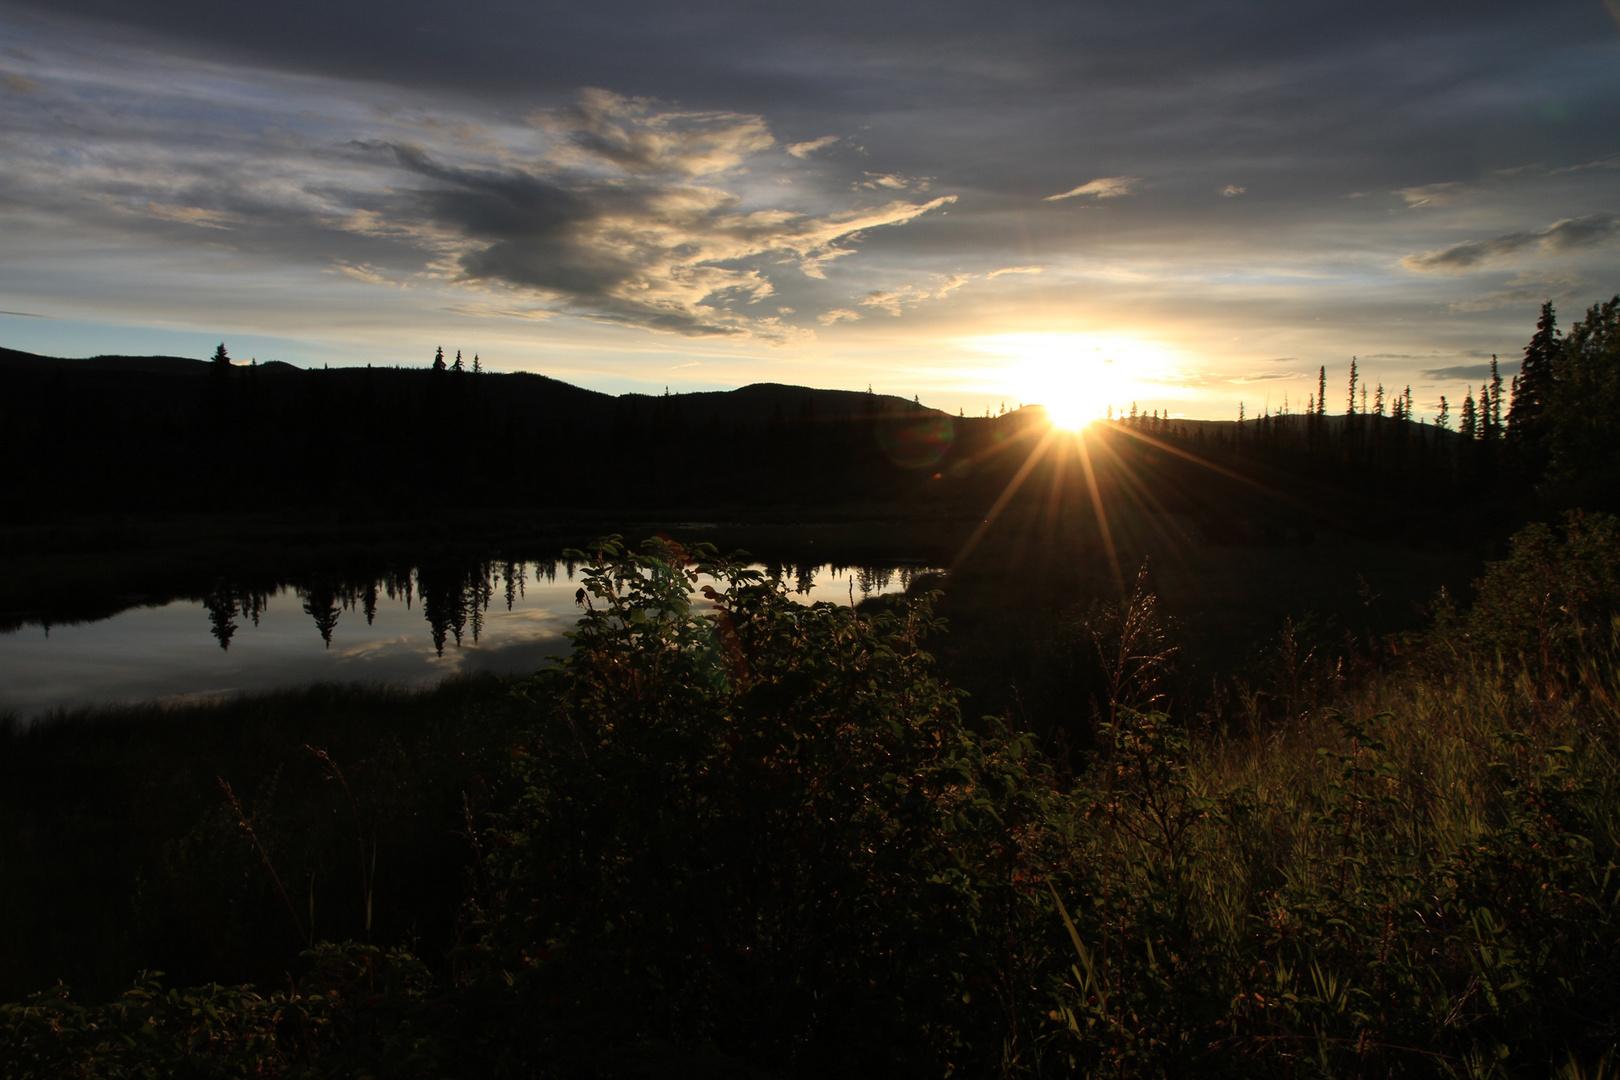 Fahrt von Dawson City nach Whitehorse